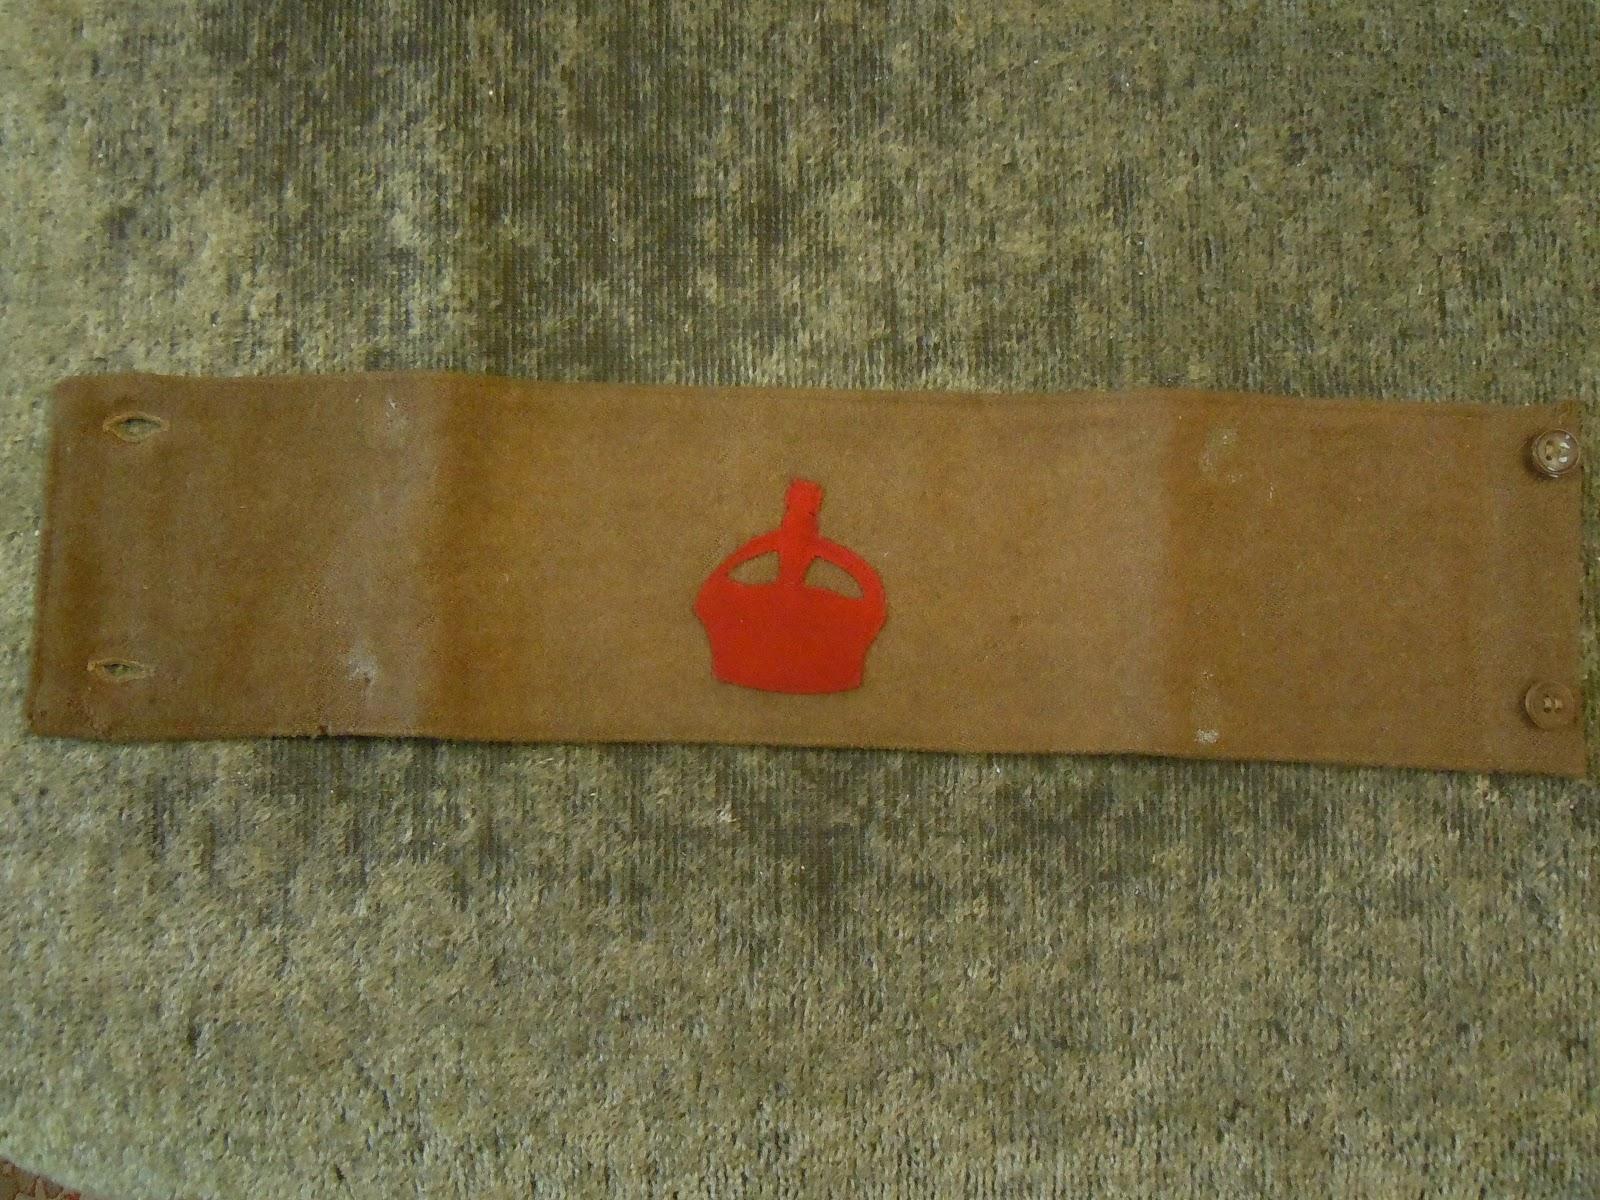 derby scheme armband 002.JPG